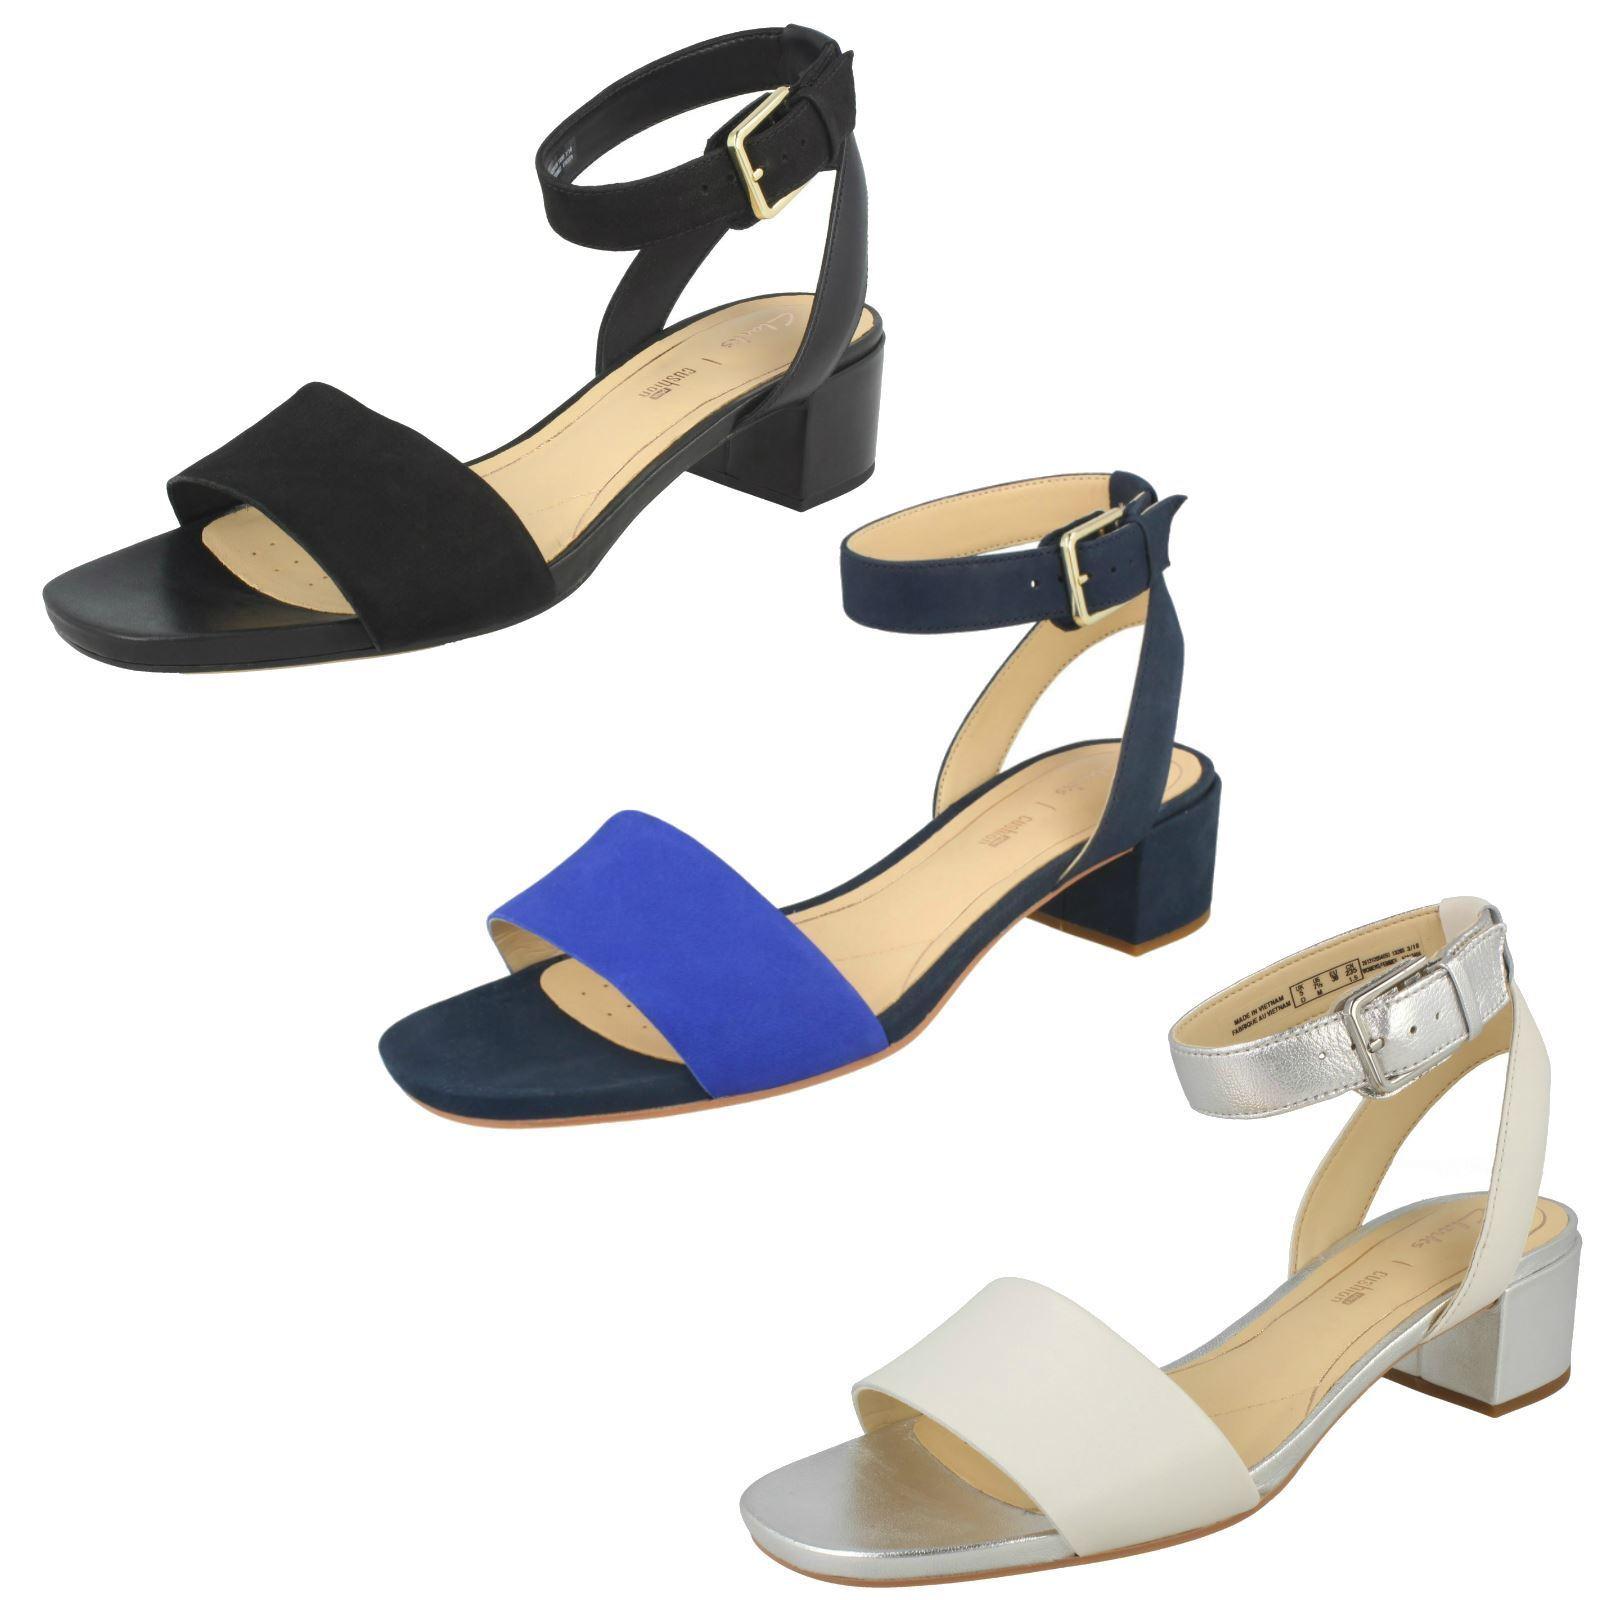 Clarks Ladies Low Heeled Peep Toe Sandals - Orabella pink